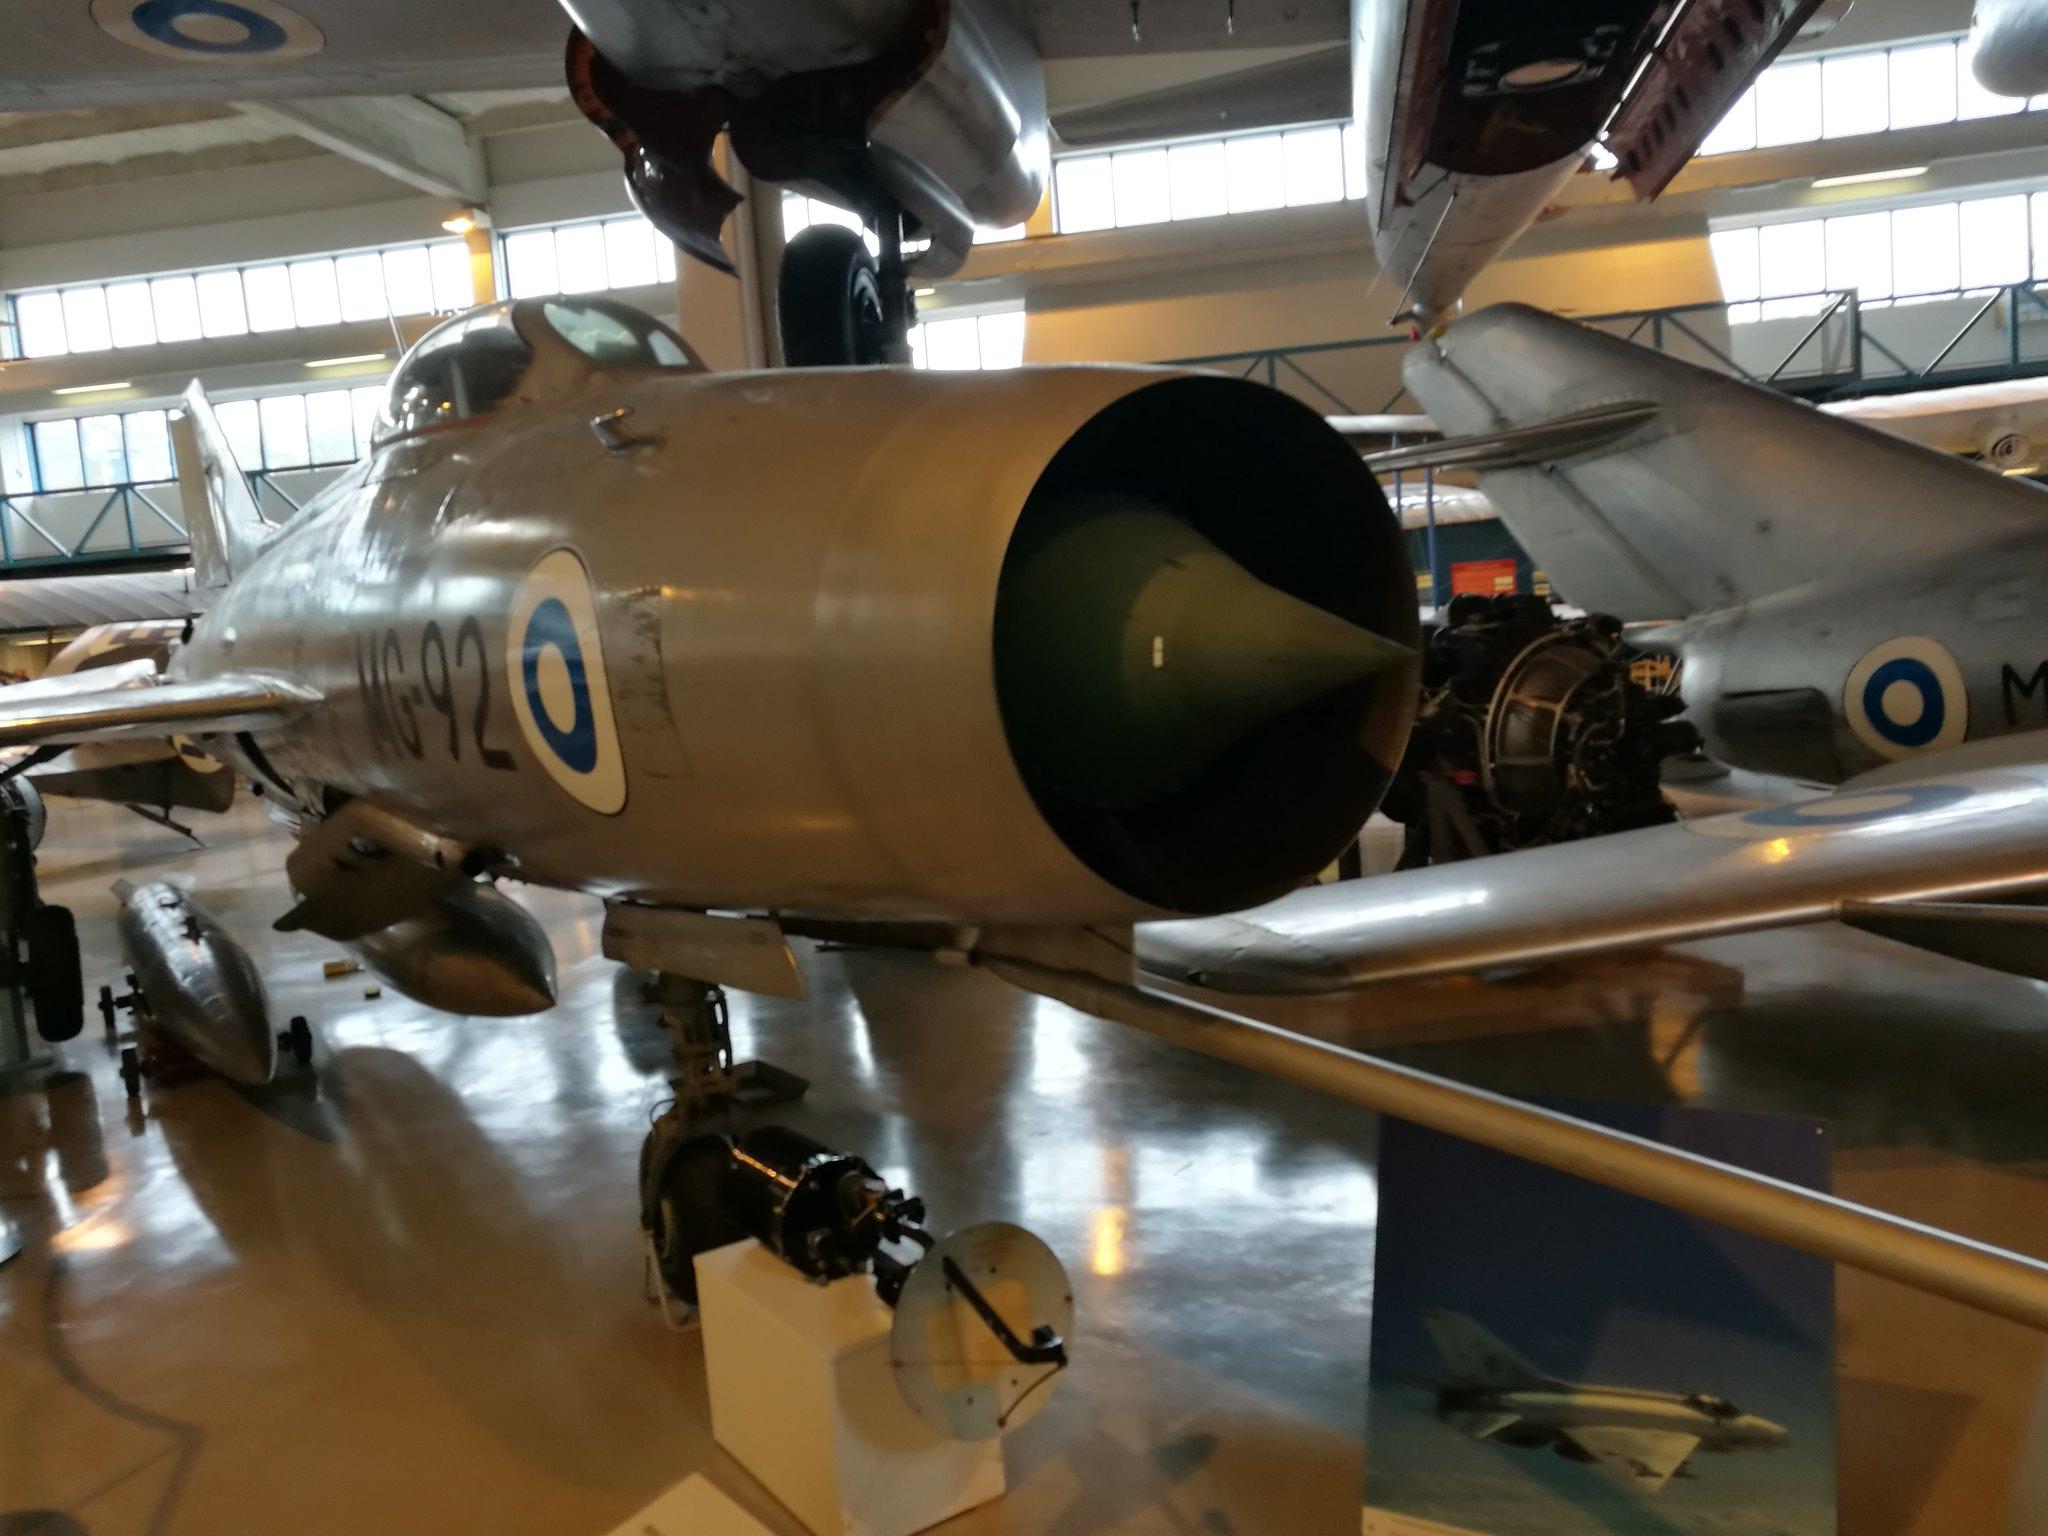 Hemkommen från semester i Finland med utflykt till Finlands Flygvapenmuseum. 48287370471_5df64936a6_k